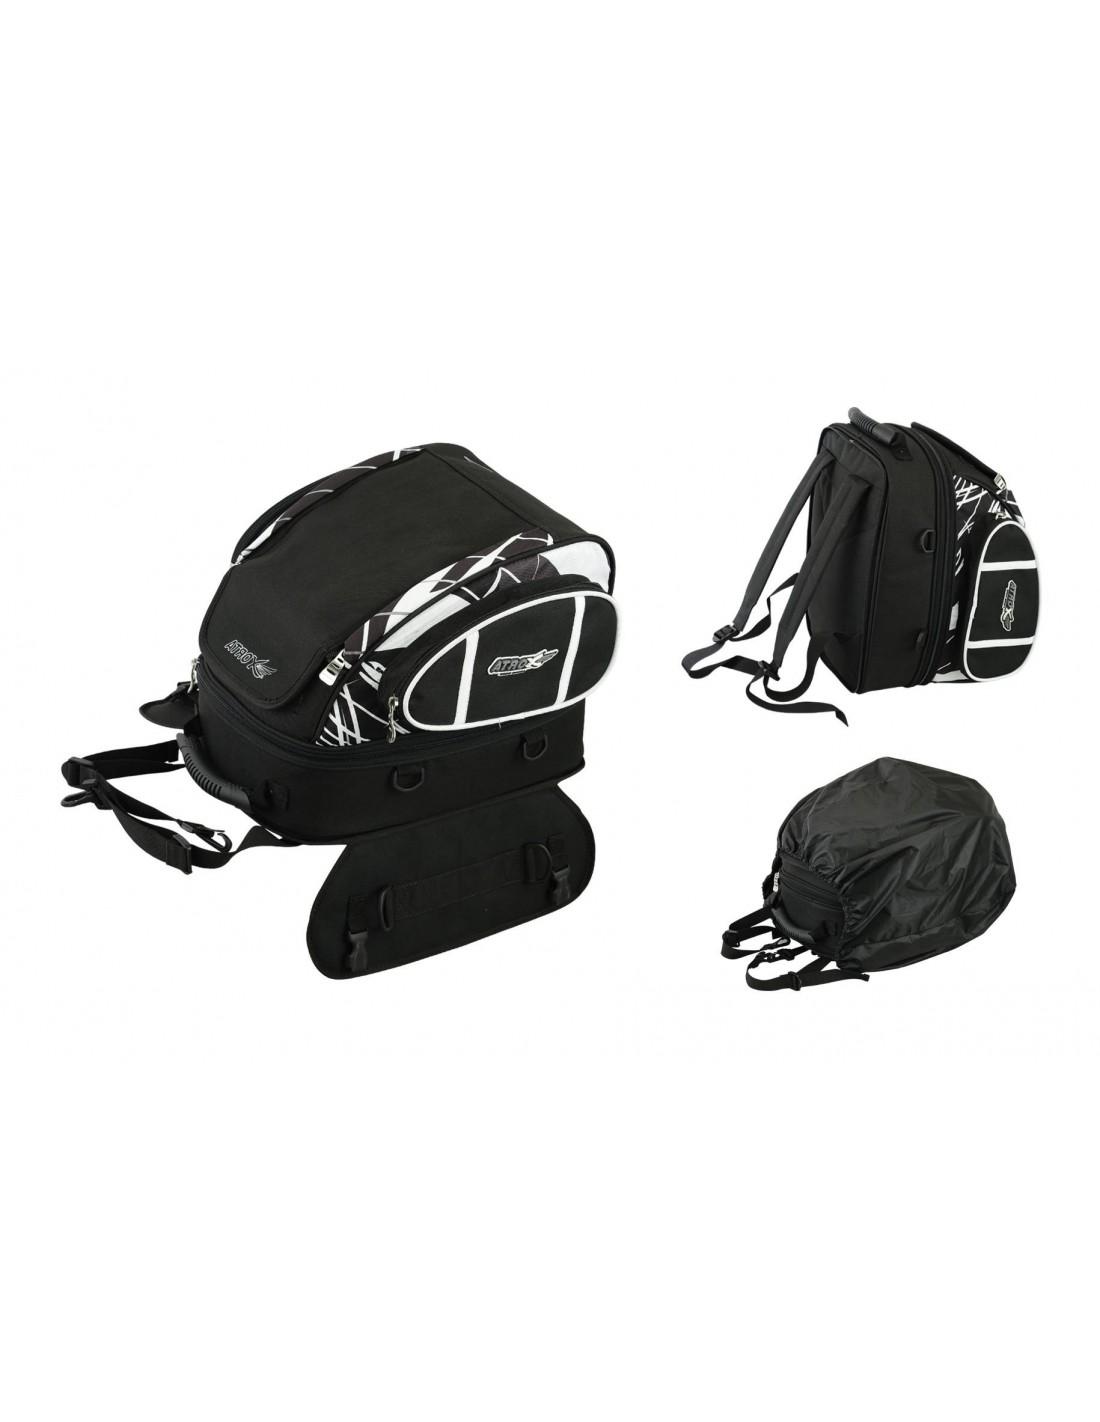 Bolsa / Mochila deposito en cordura para moto